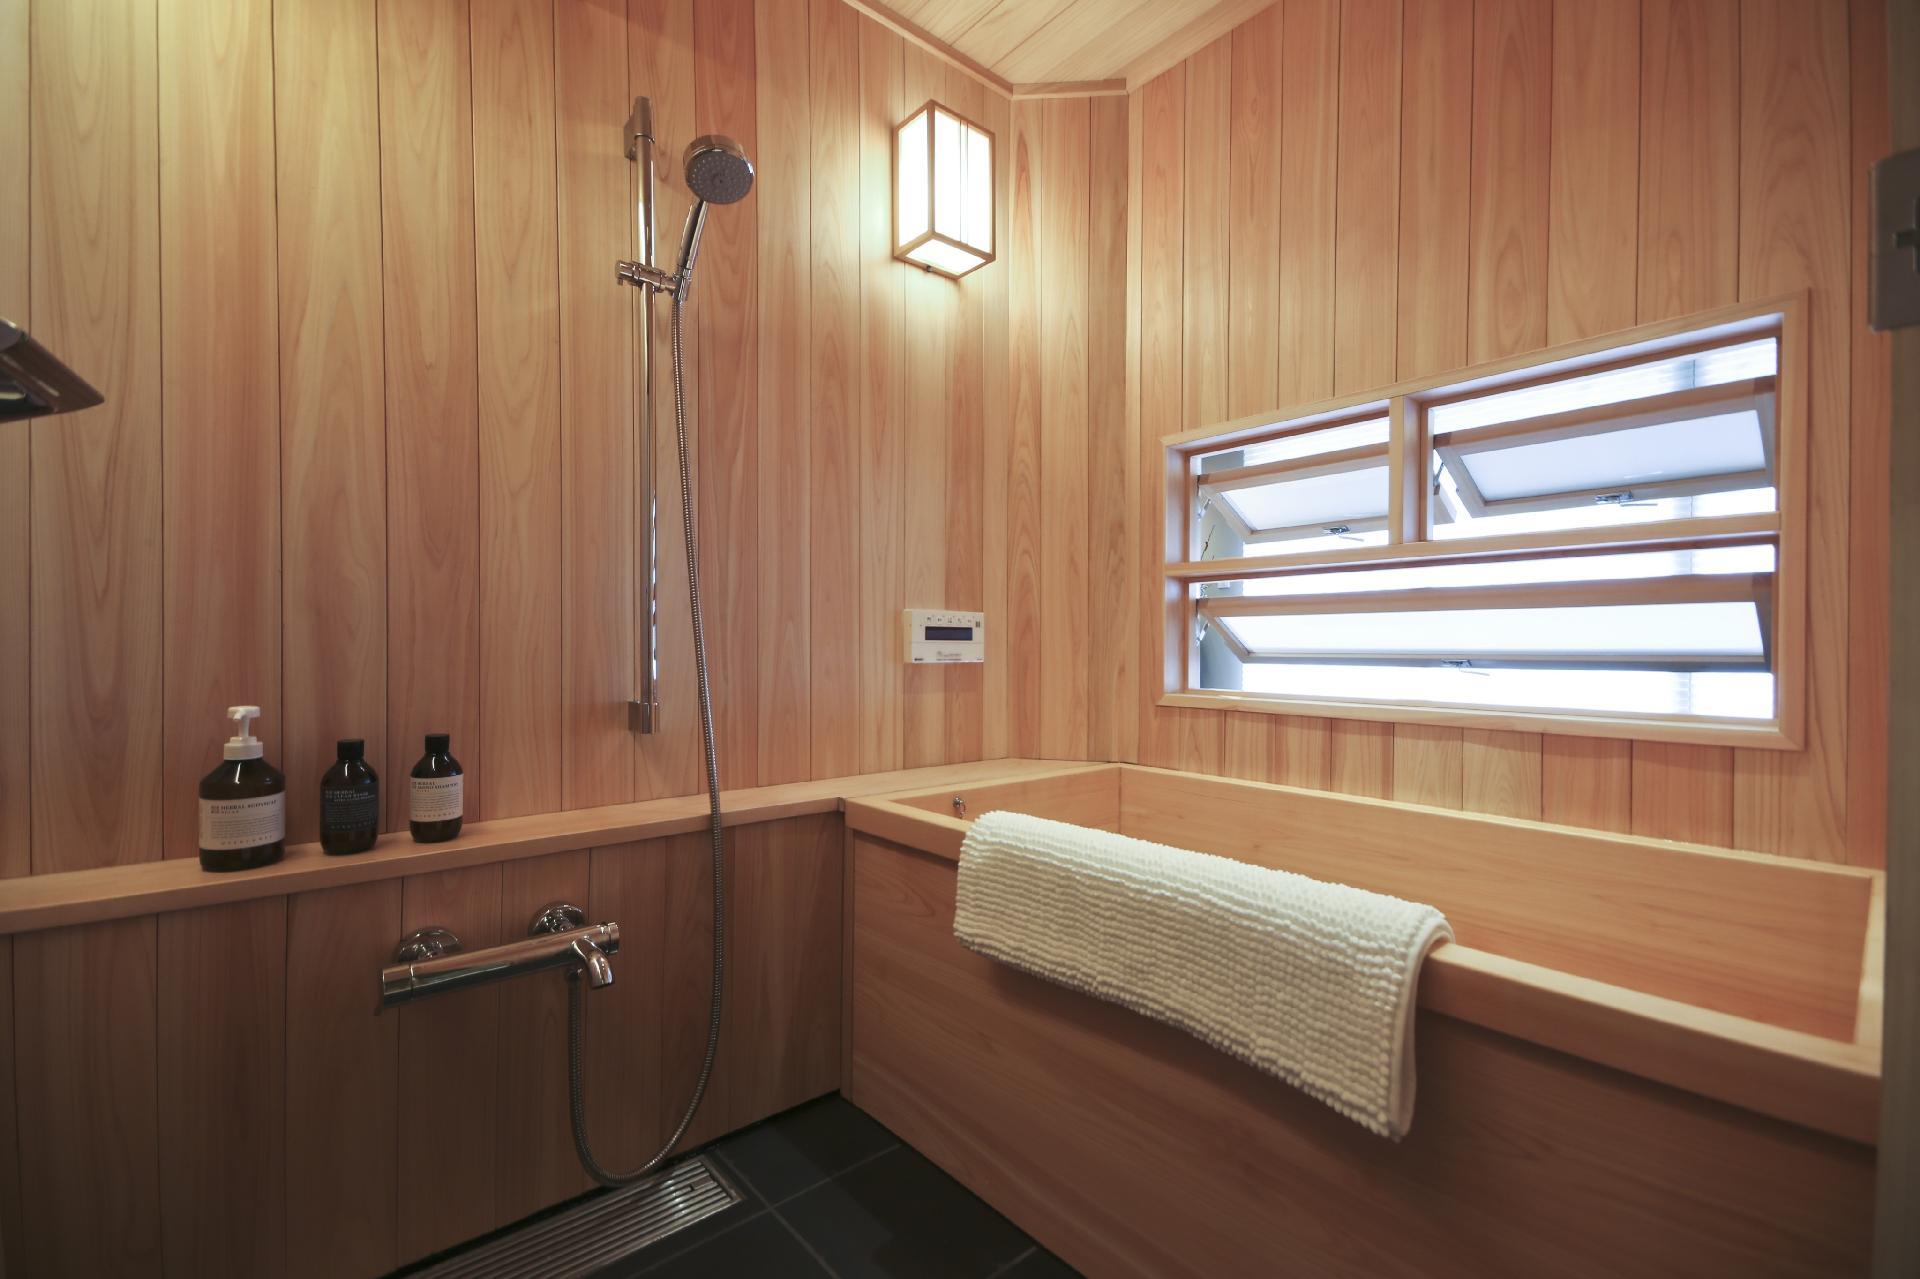 #8C733F Feito em madeira o banheiro acima está localizado em Ginza distrito  1920x1279 px ver banheiros pequenos com banheira